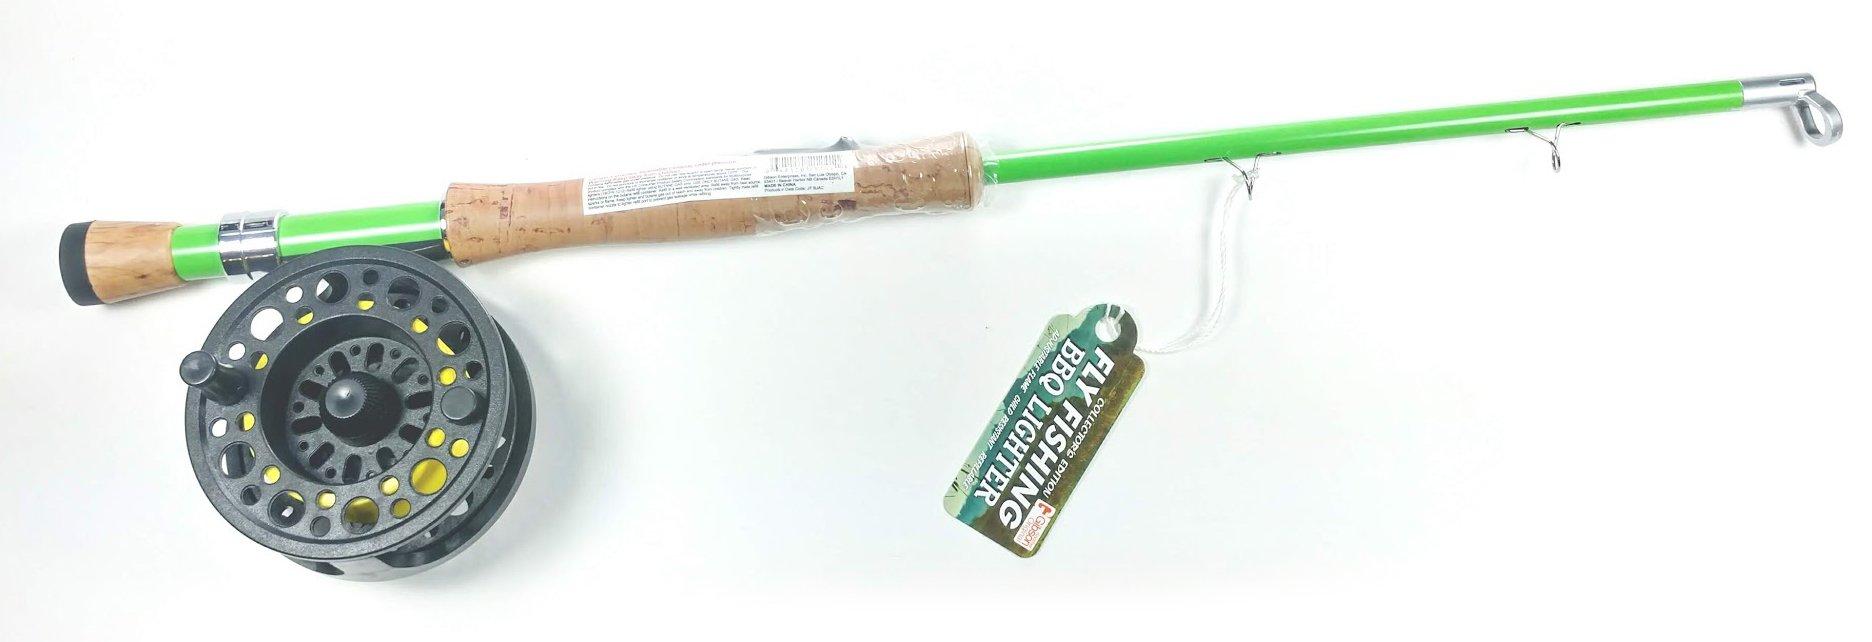 Gibson Fly Fishing BBQ Lighter- Single Lighter